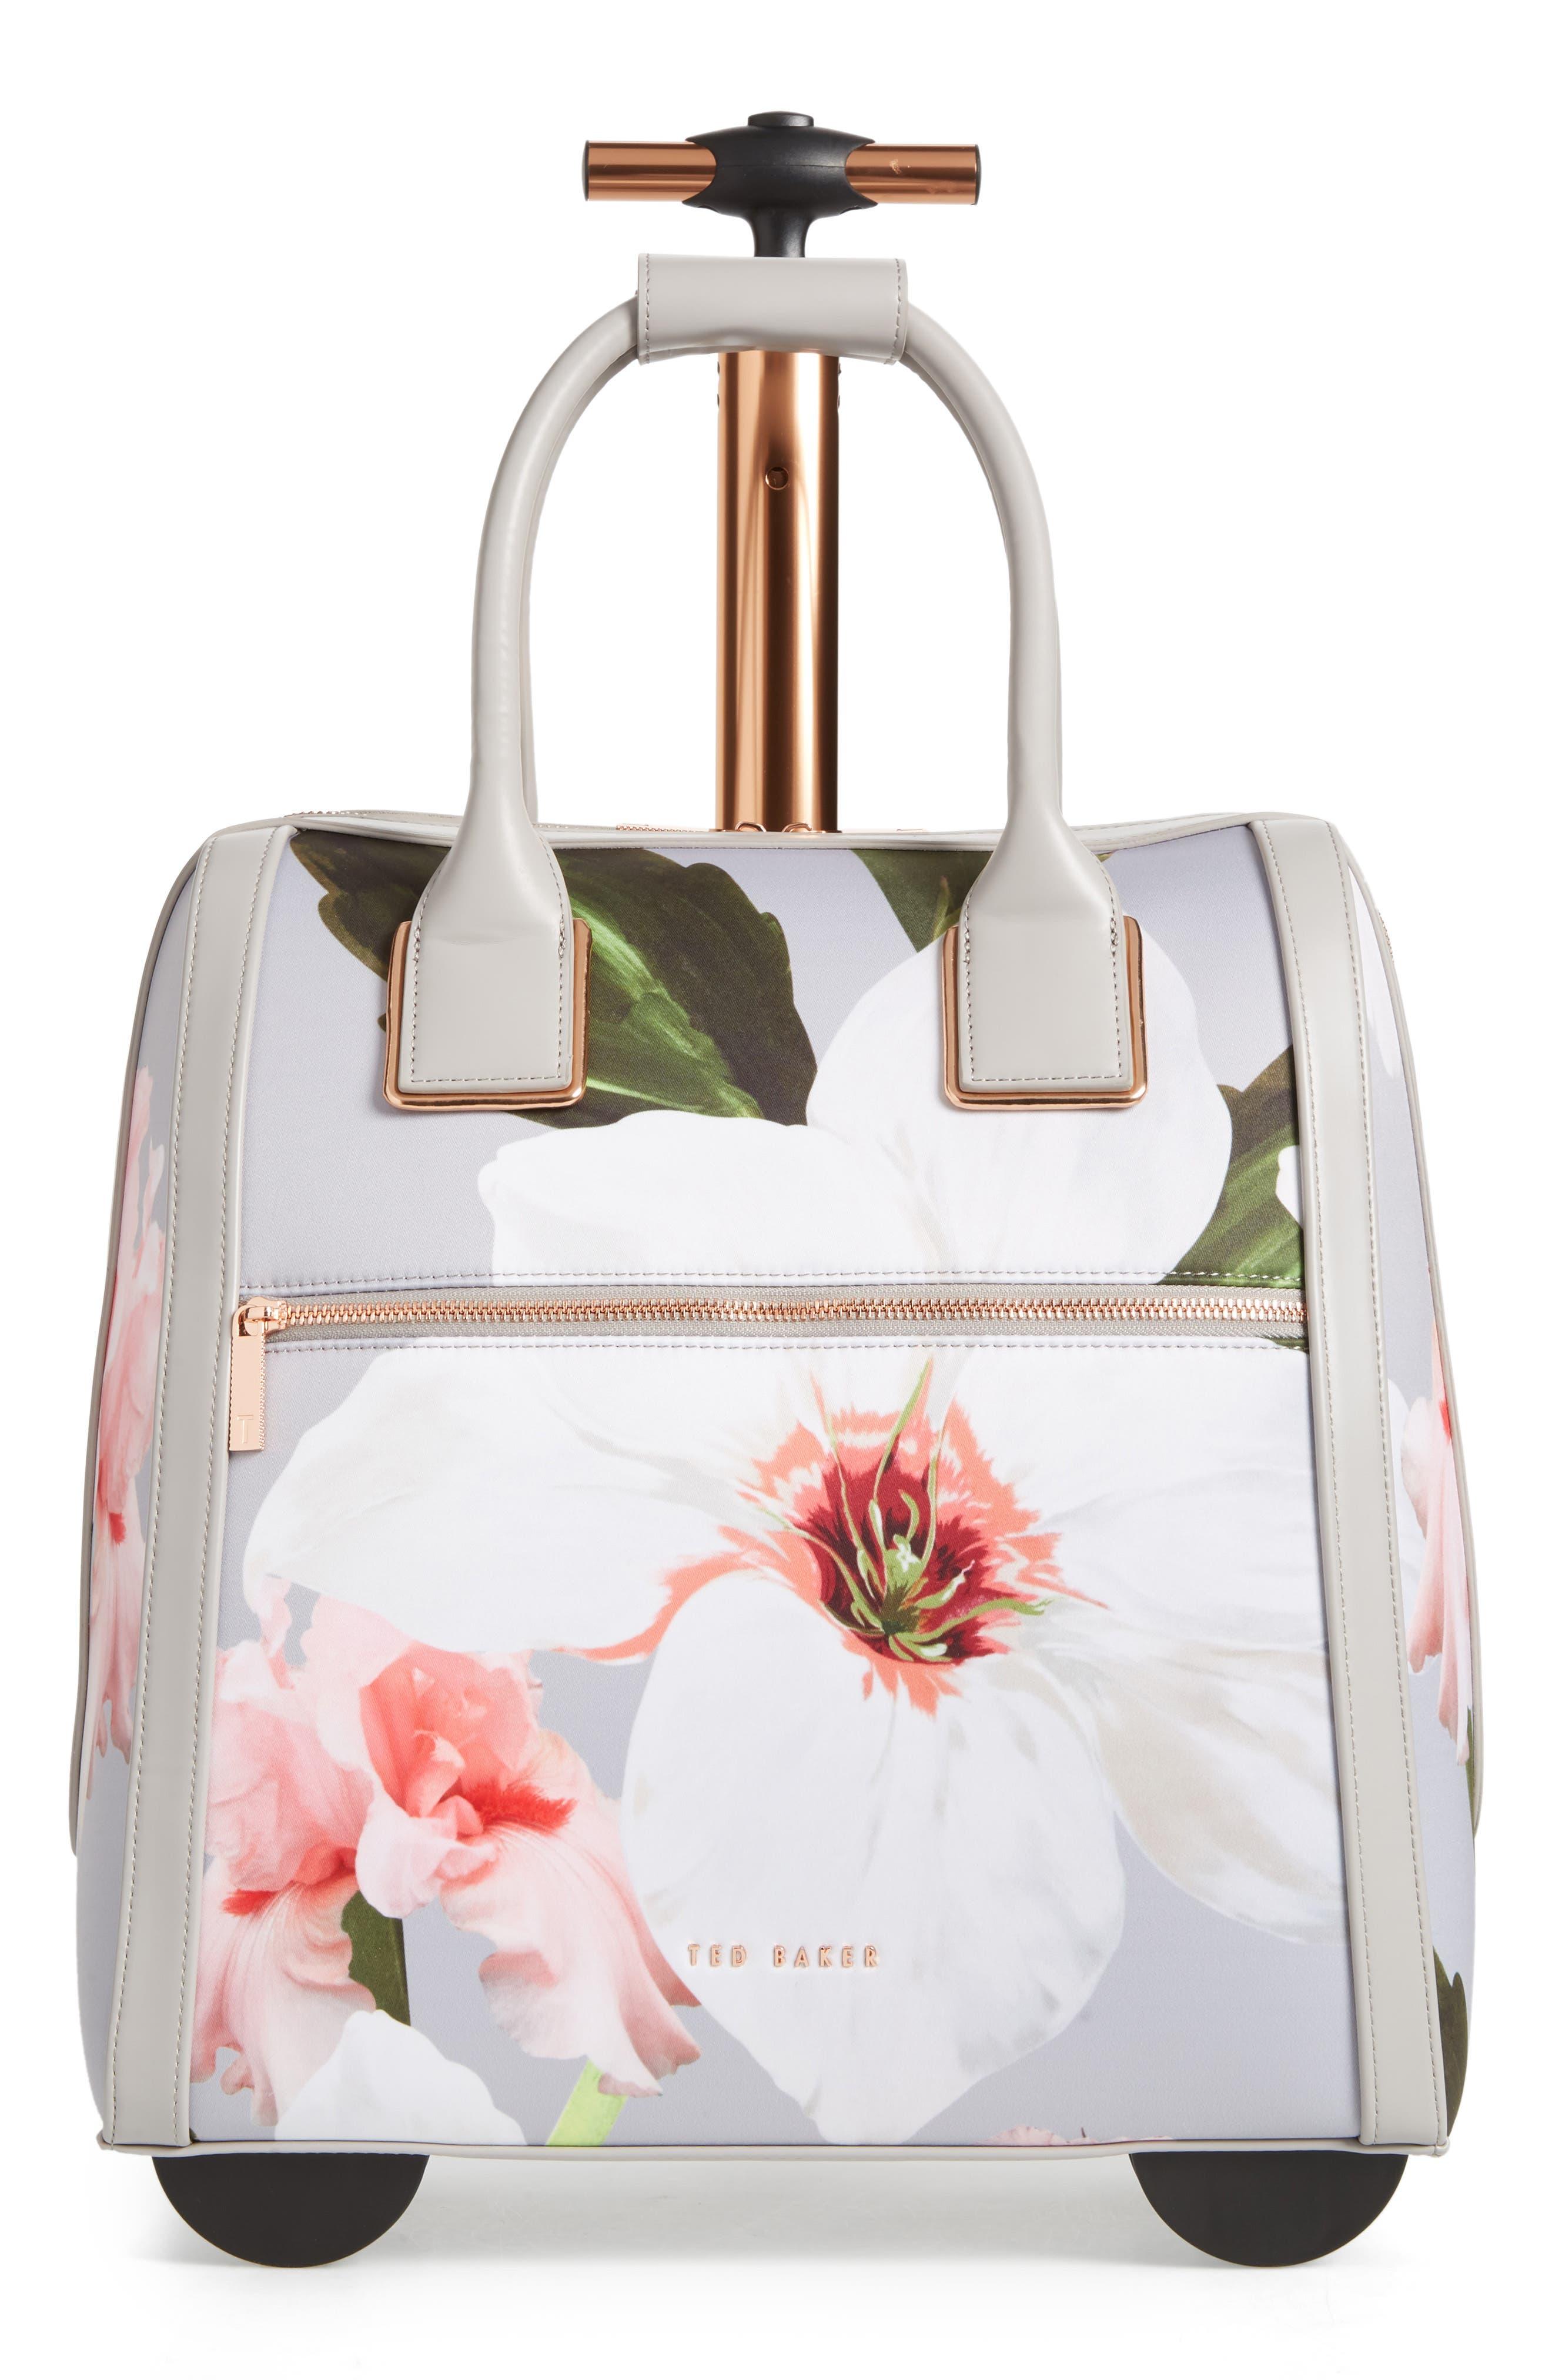 Ordina Chatsworth Bloom Travel Bag,                         Main,                         color, Mid Grey